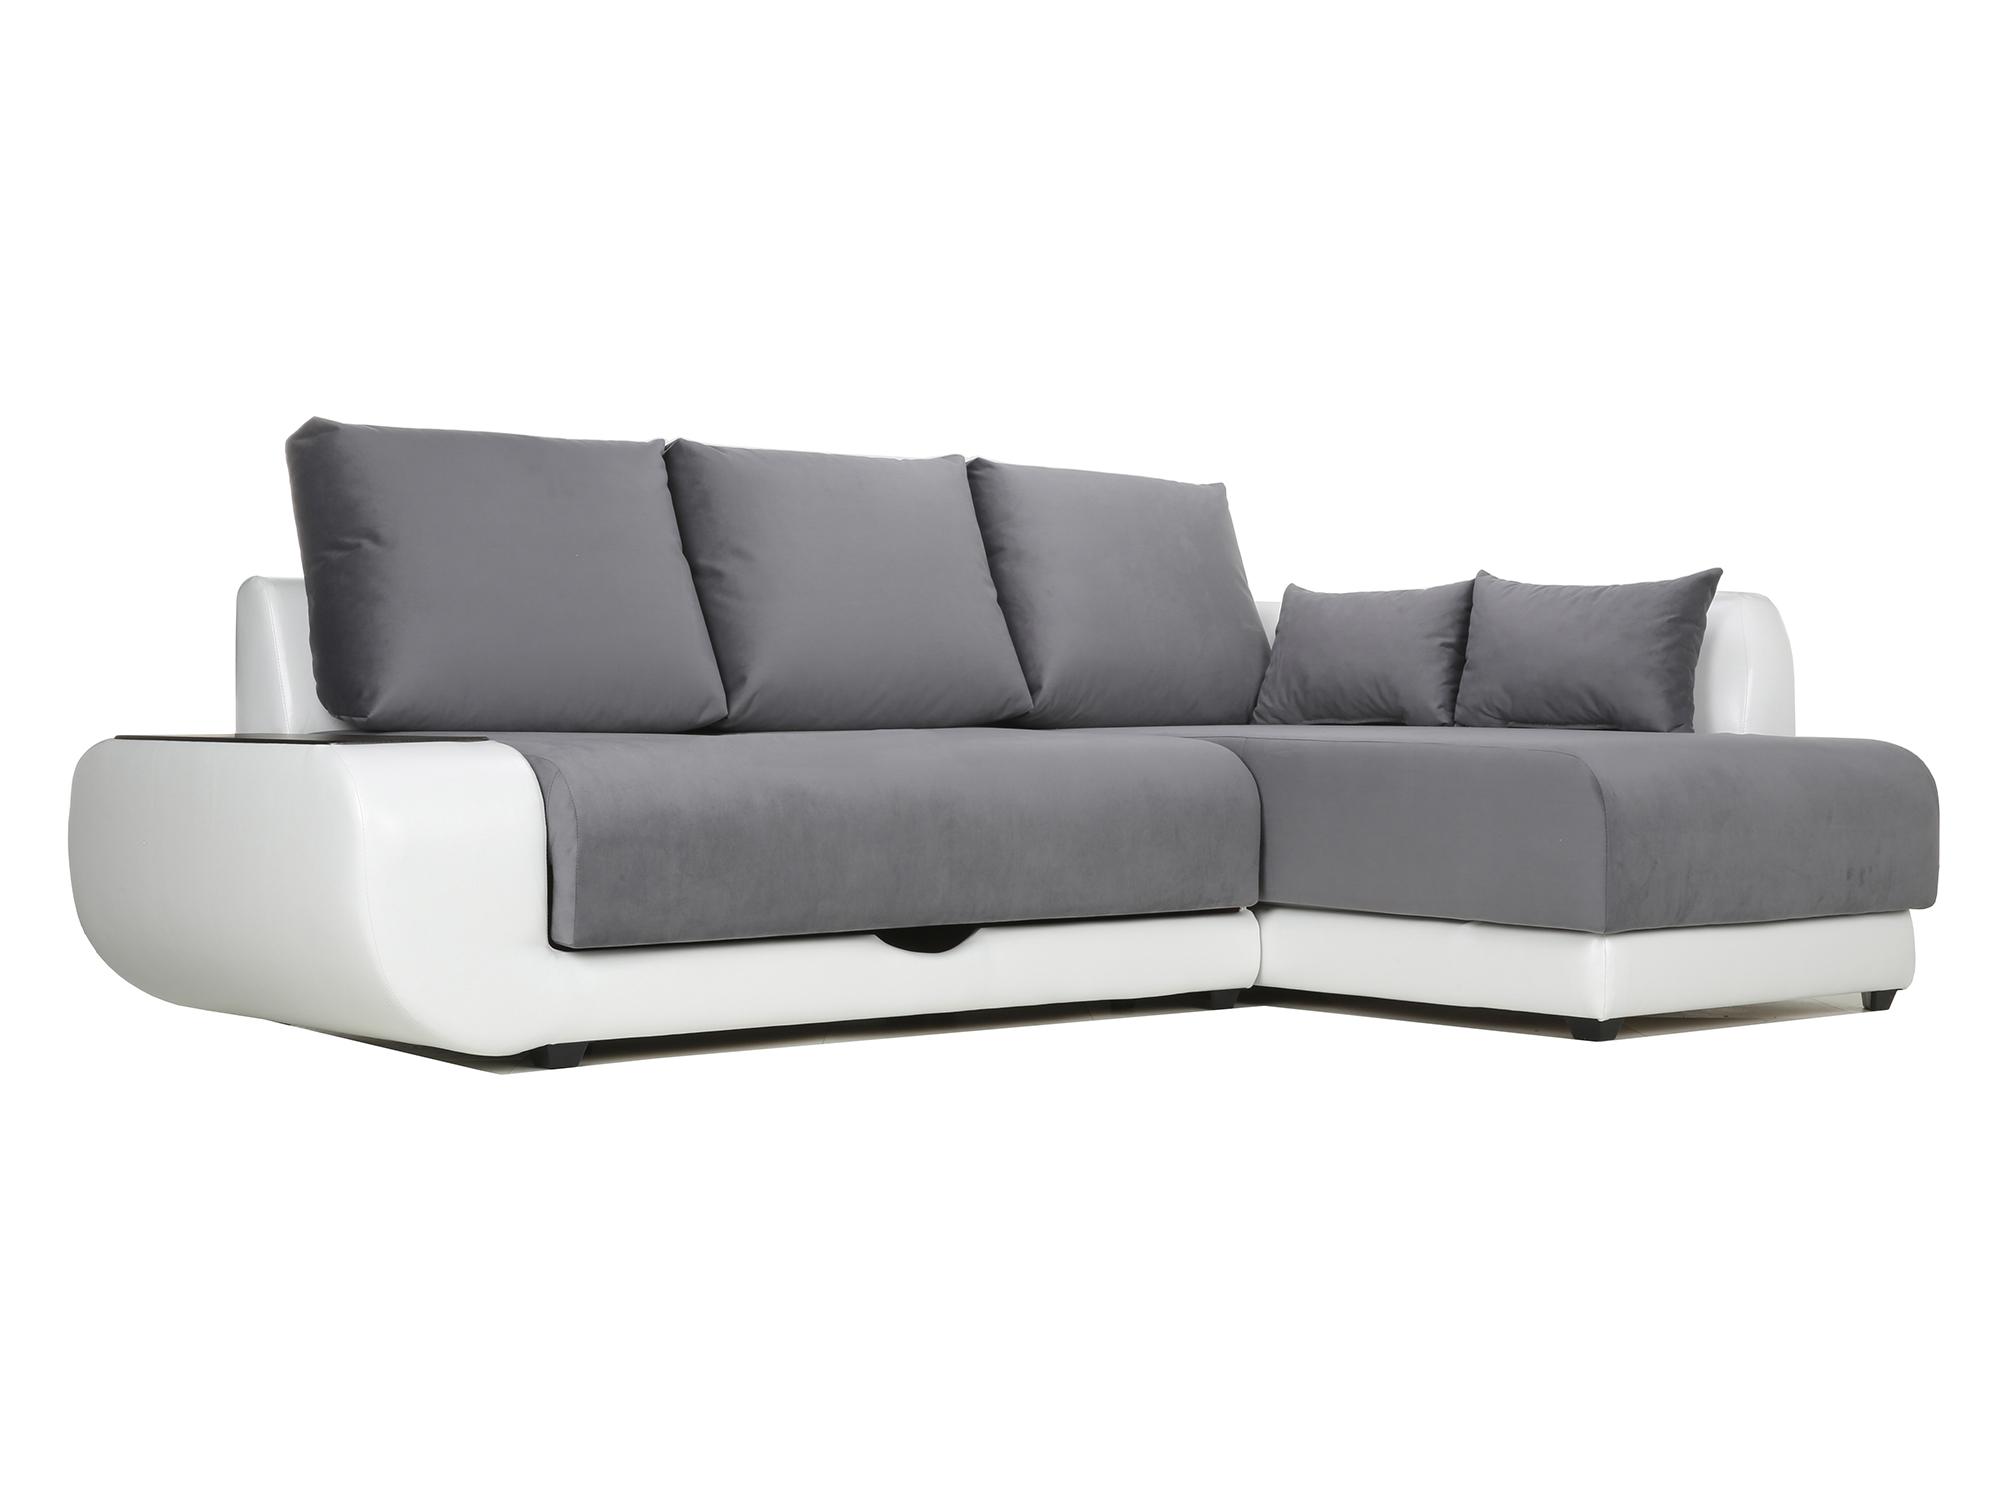 Угловой диван с независимым пружинным блоком Поло ПБ (Нью-Йорк) Правый MebelVia Белый, Черный